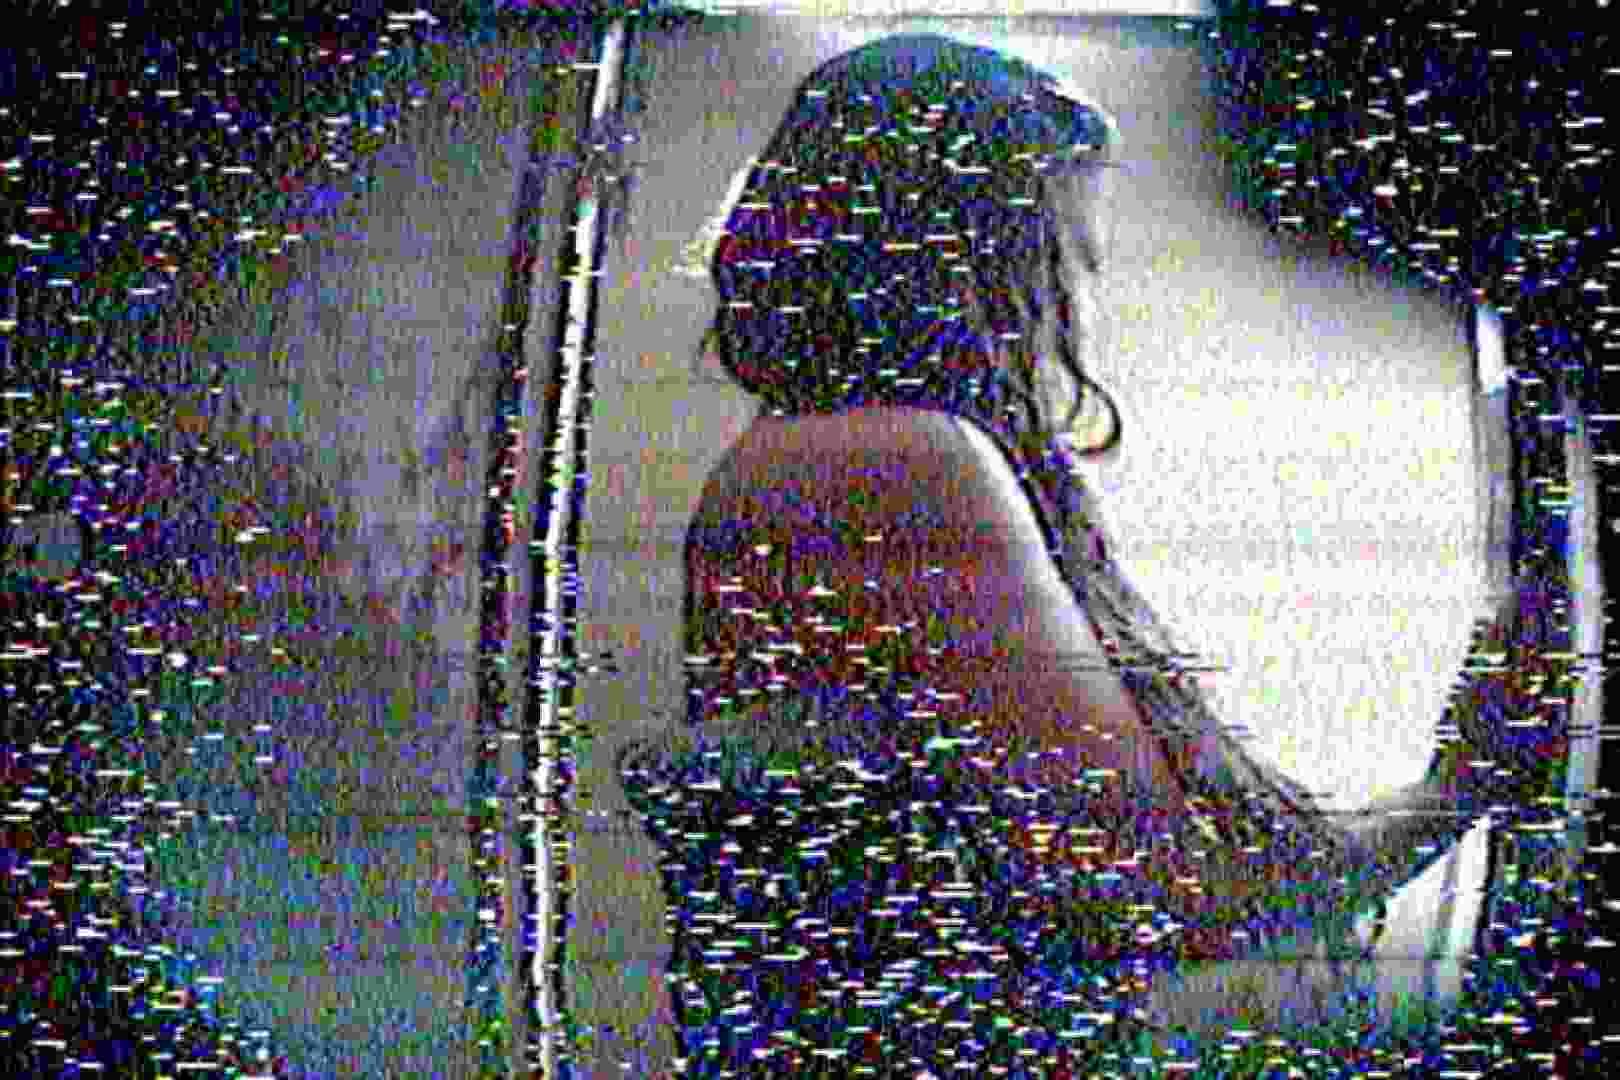 海の家の更衣室 Vol.21 美女達のヌード   シャワー中  89連発 65